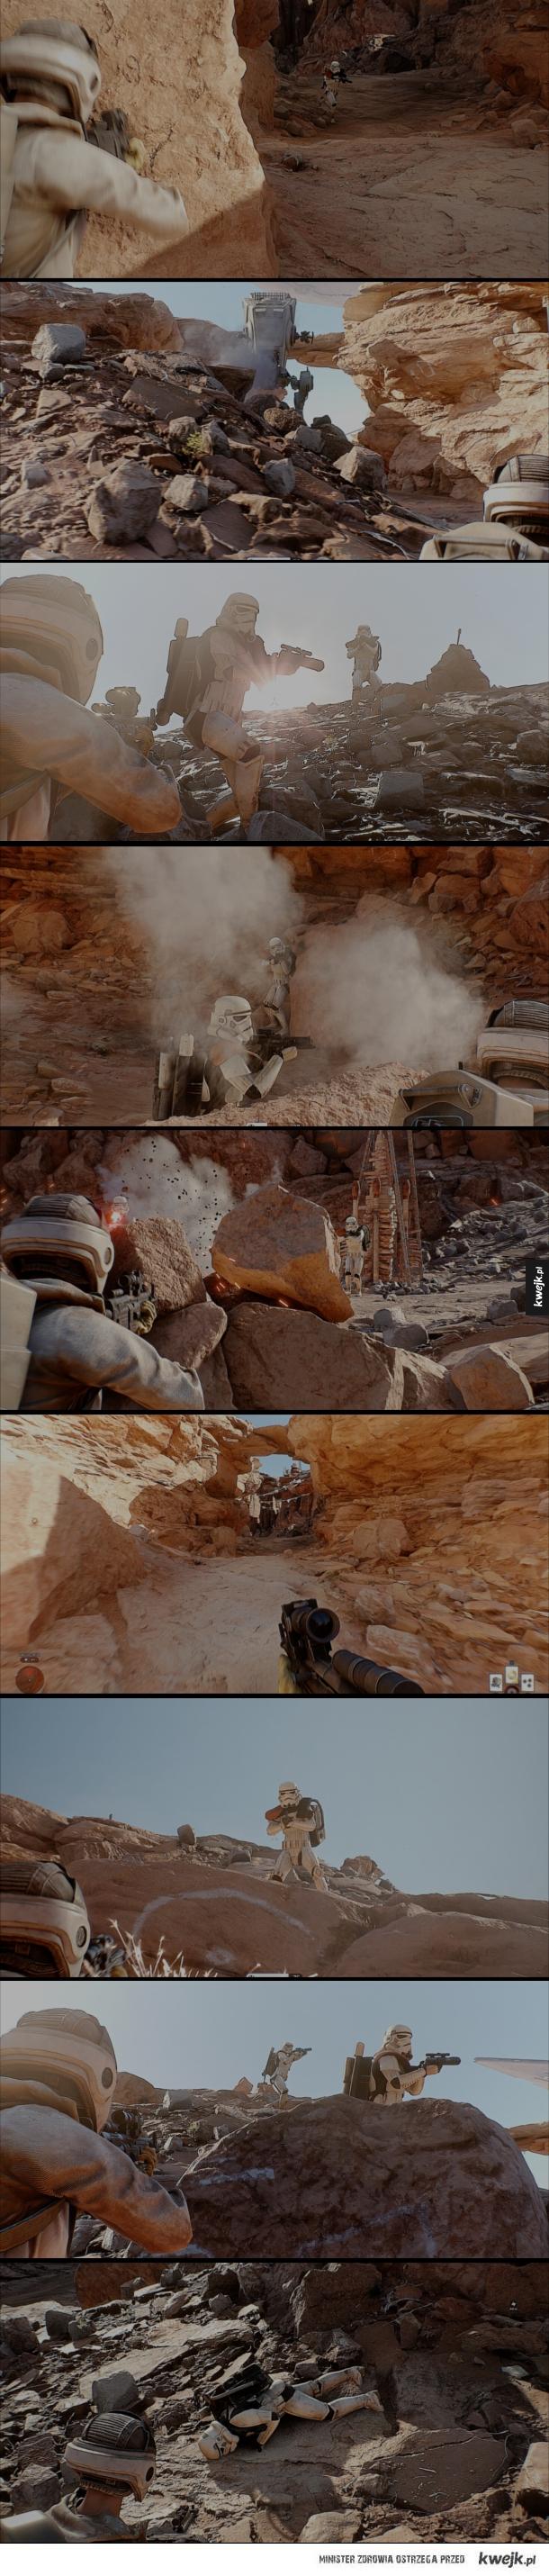 Star Wars: Battlefront z modem Toddyhancer wygląda jak film